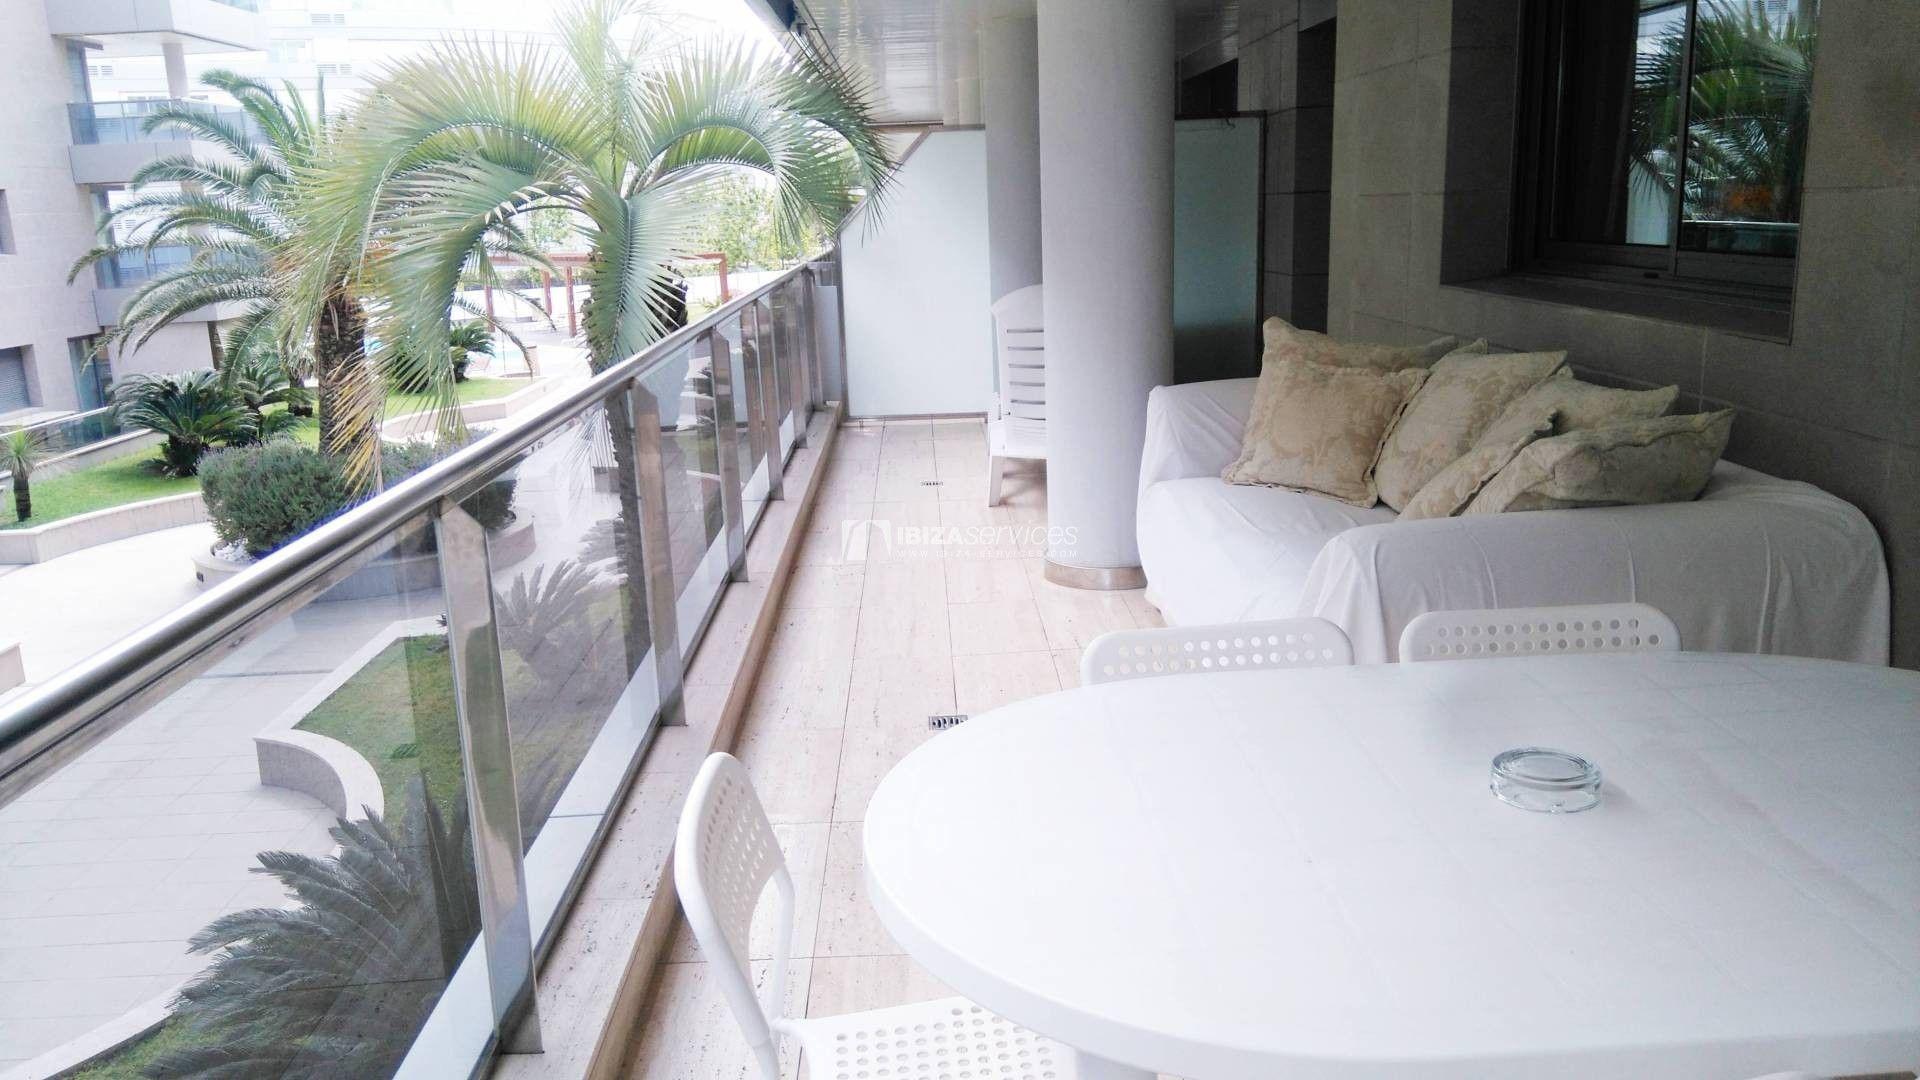 Alquiler Larga Temporada Apartamento Nueva Ibiza 2 Habitaciones Apartamentos Alquiler Apartamentos Departamentos